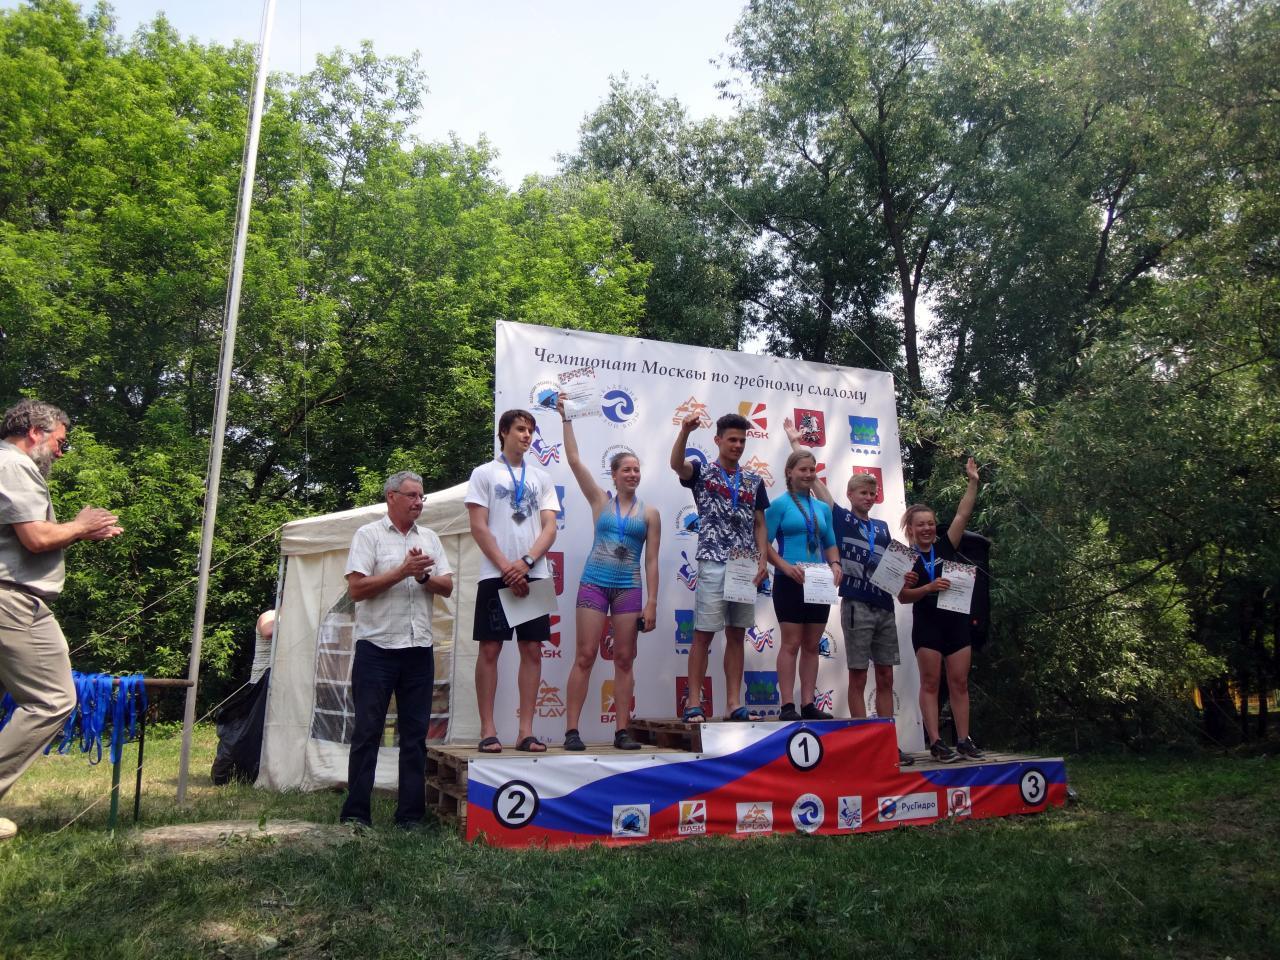 Чемпионат Москвы подарил жаркие выходные в парке «Сад Будущего»